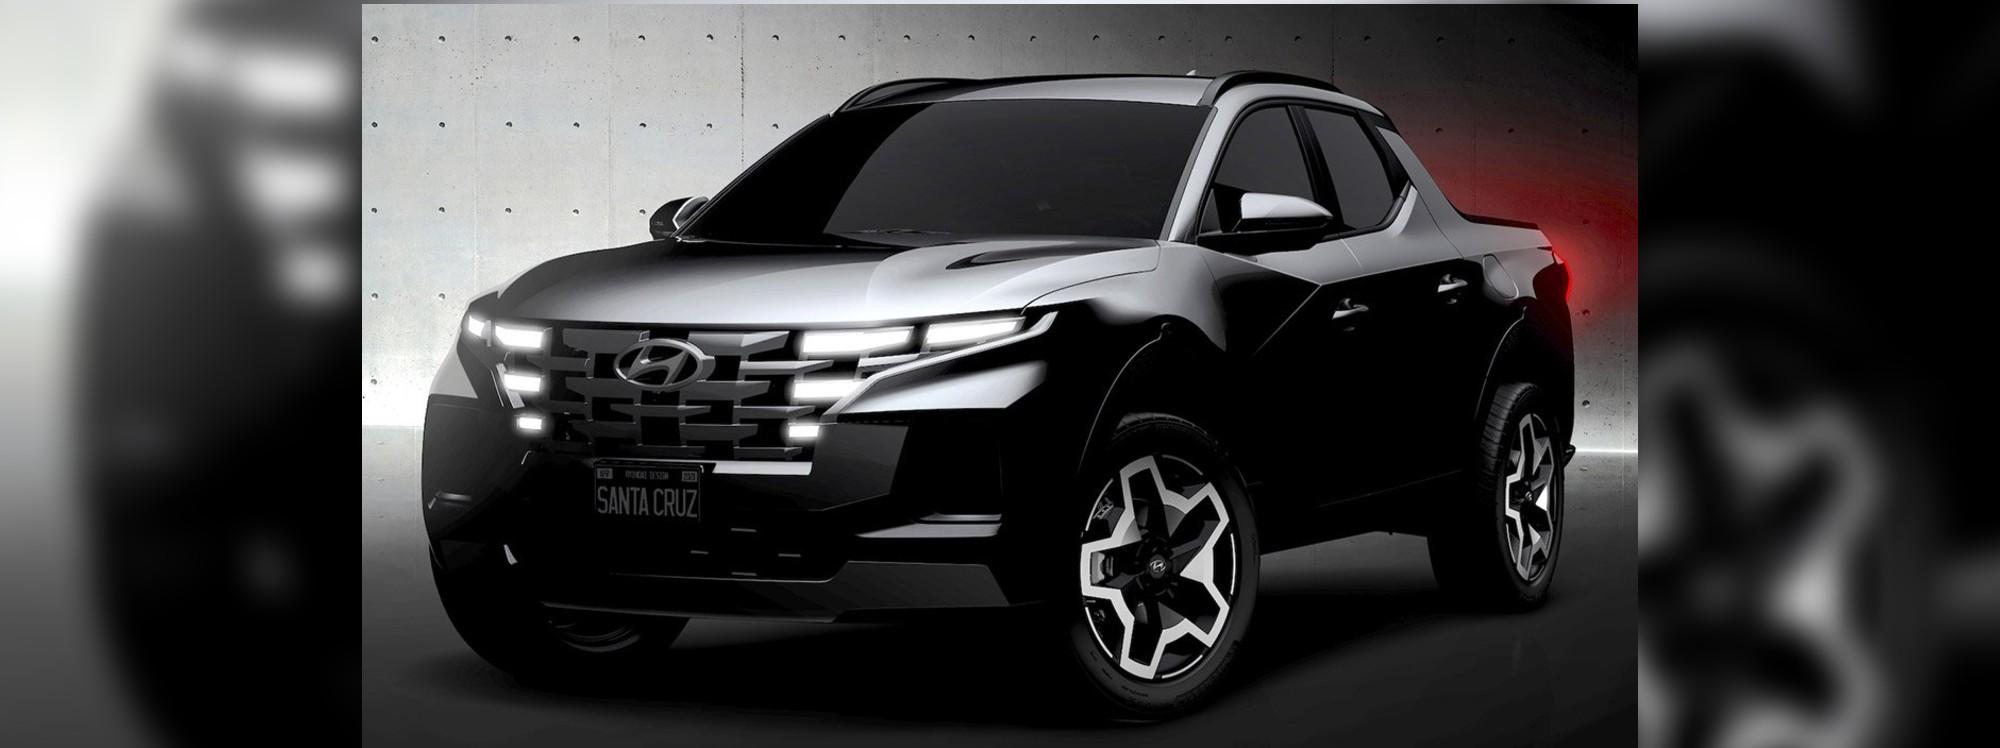 Hyundai adelantó imágenes de la nueva Santa Cruz